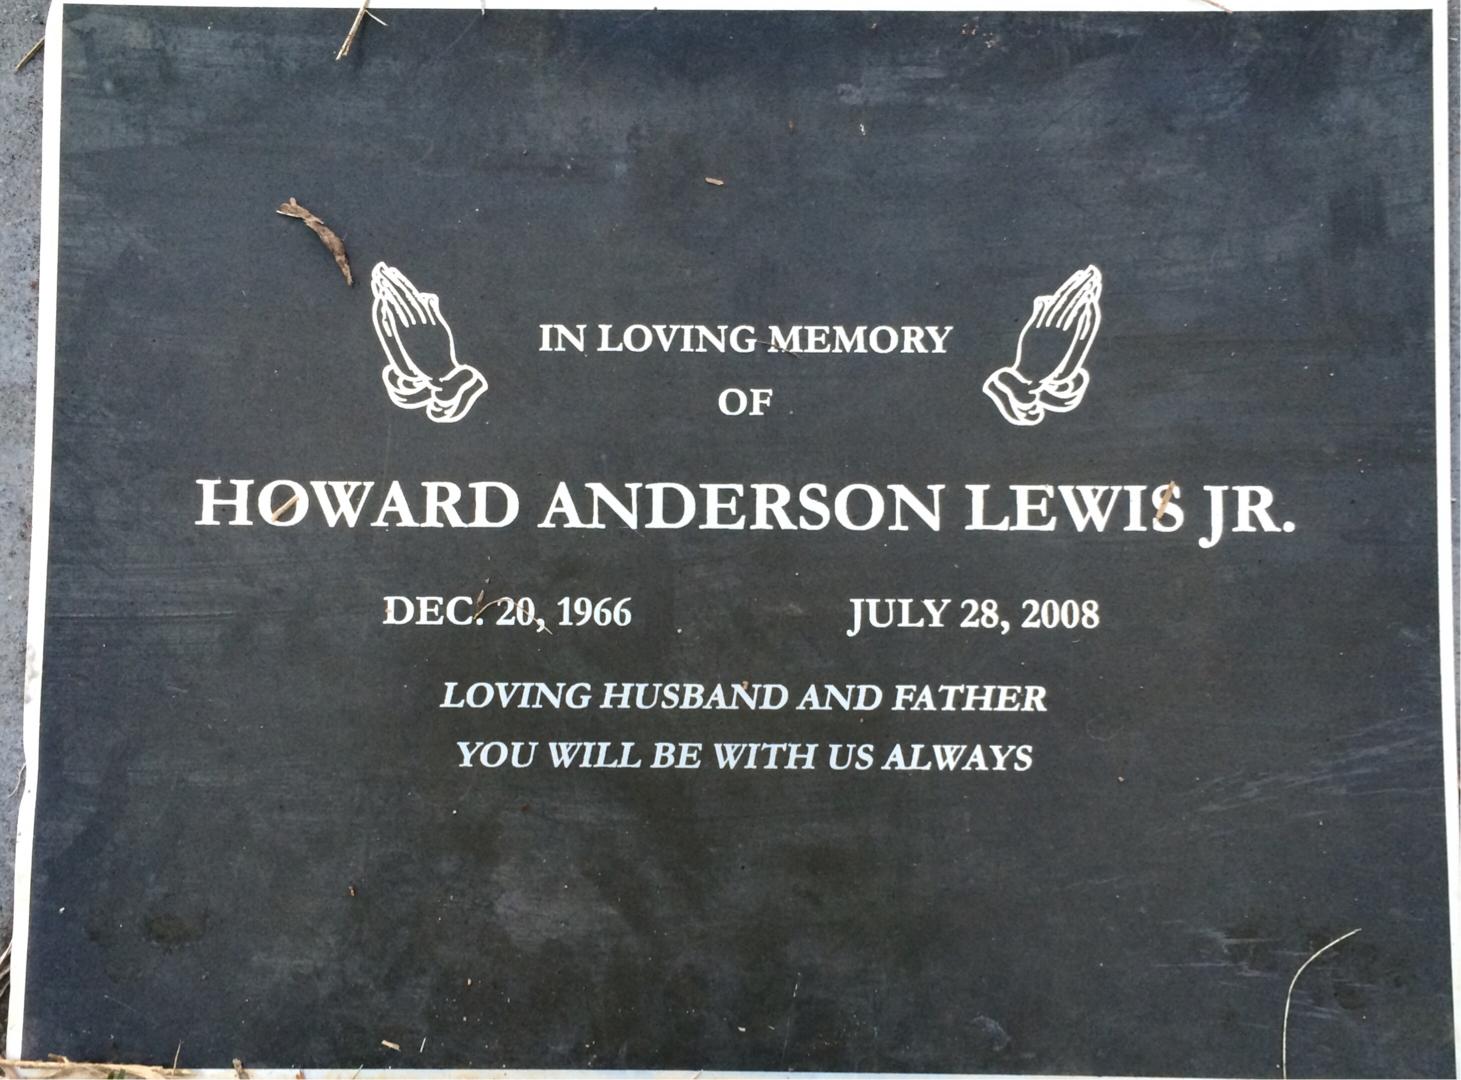 Howard Anderson Lewis, Jr